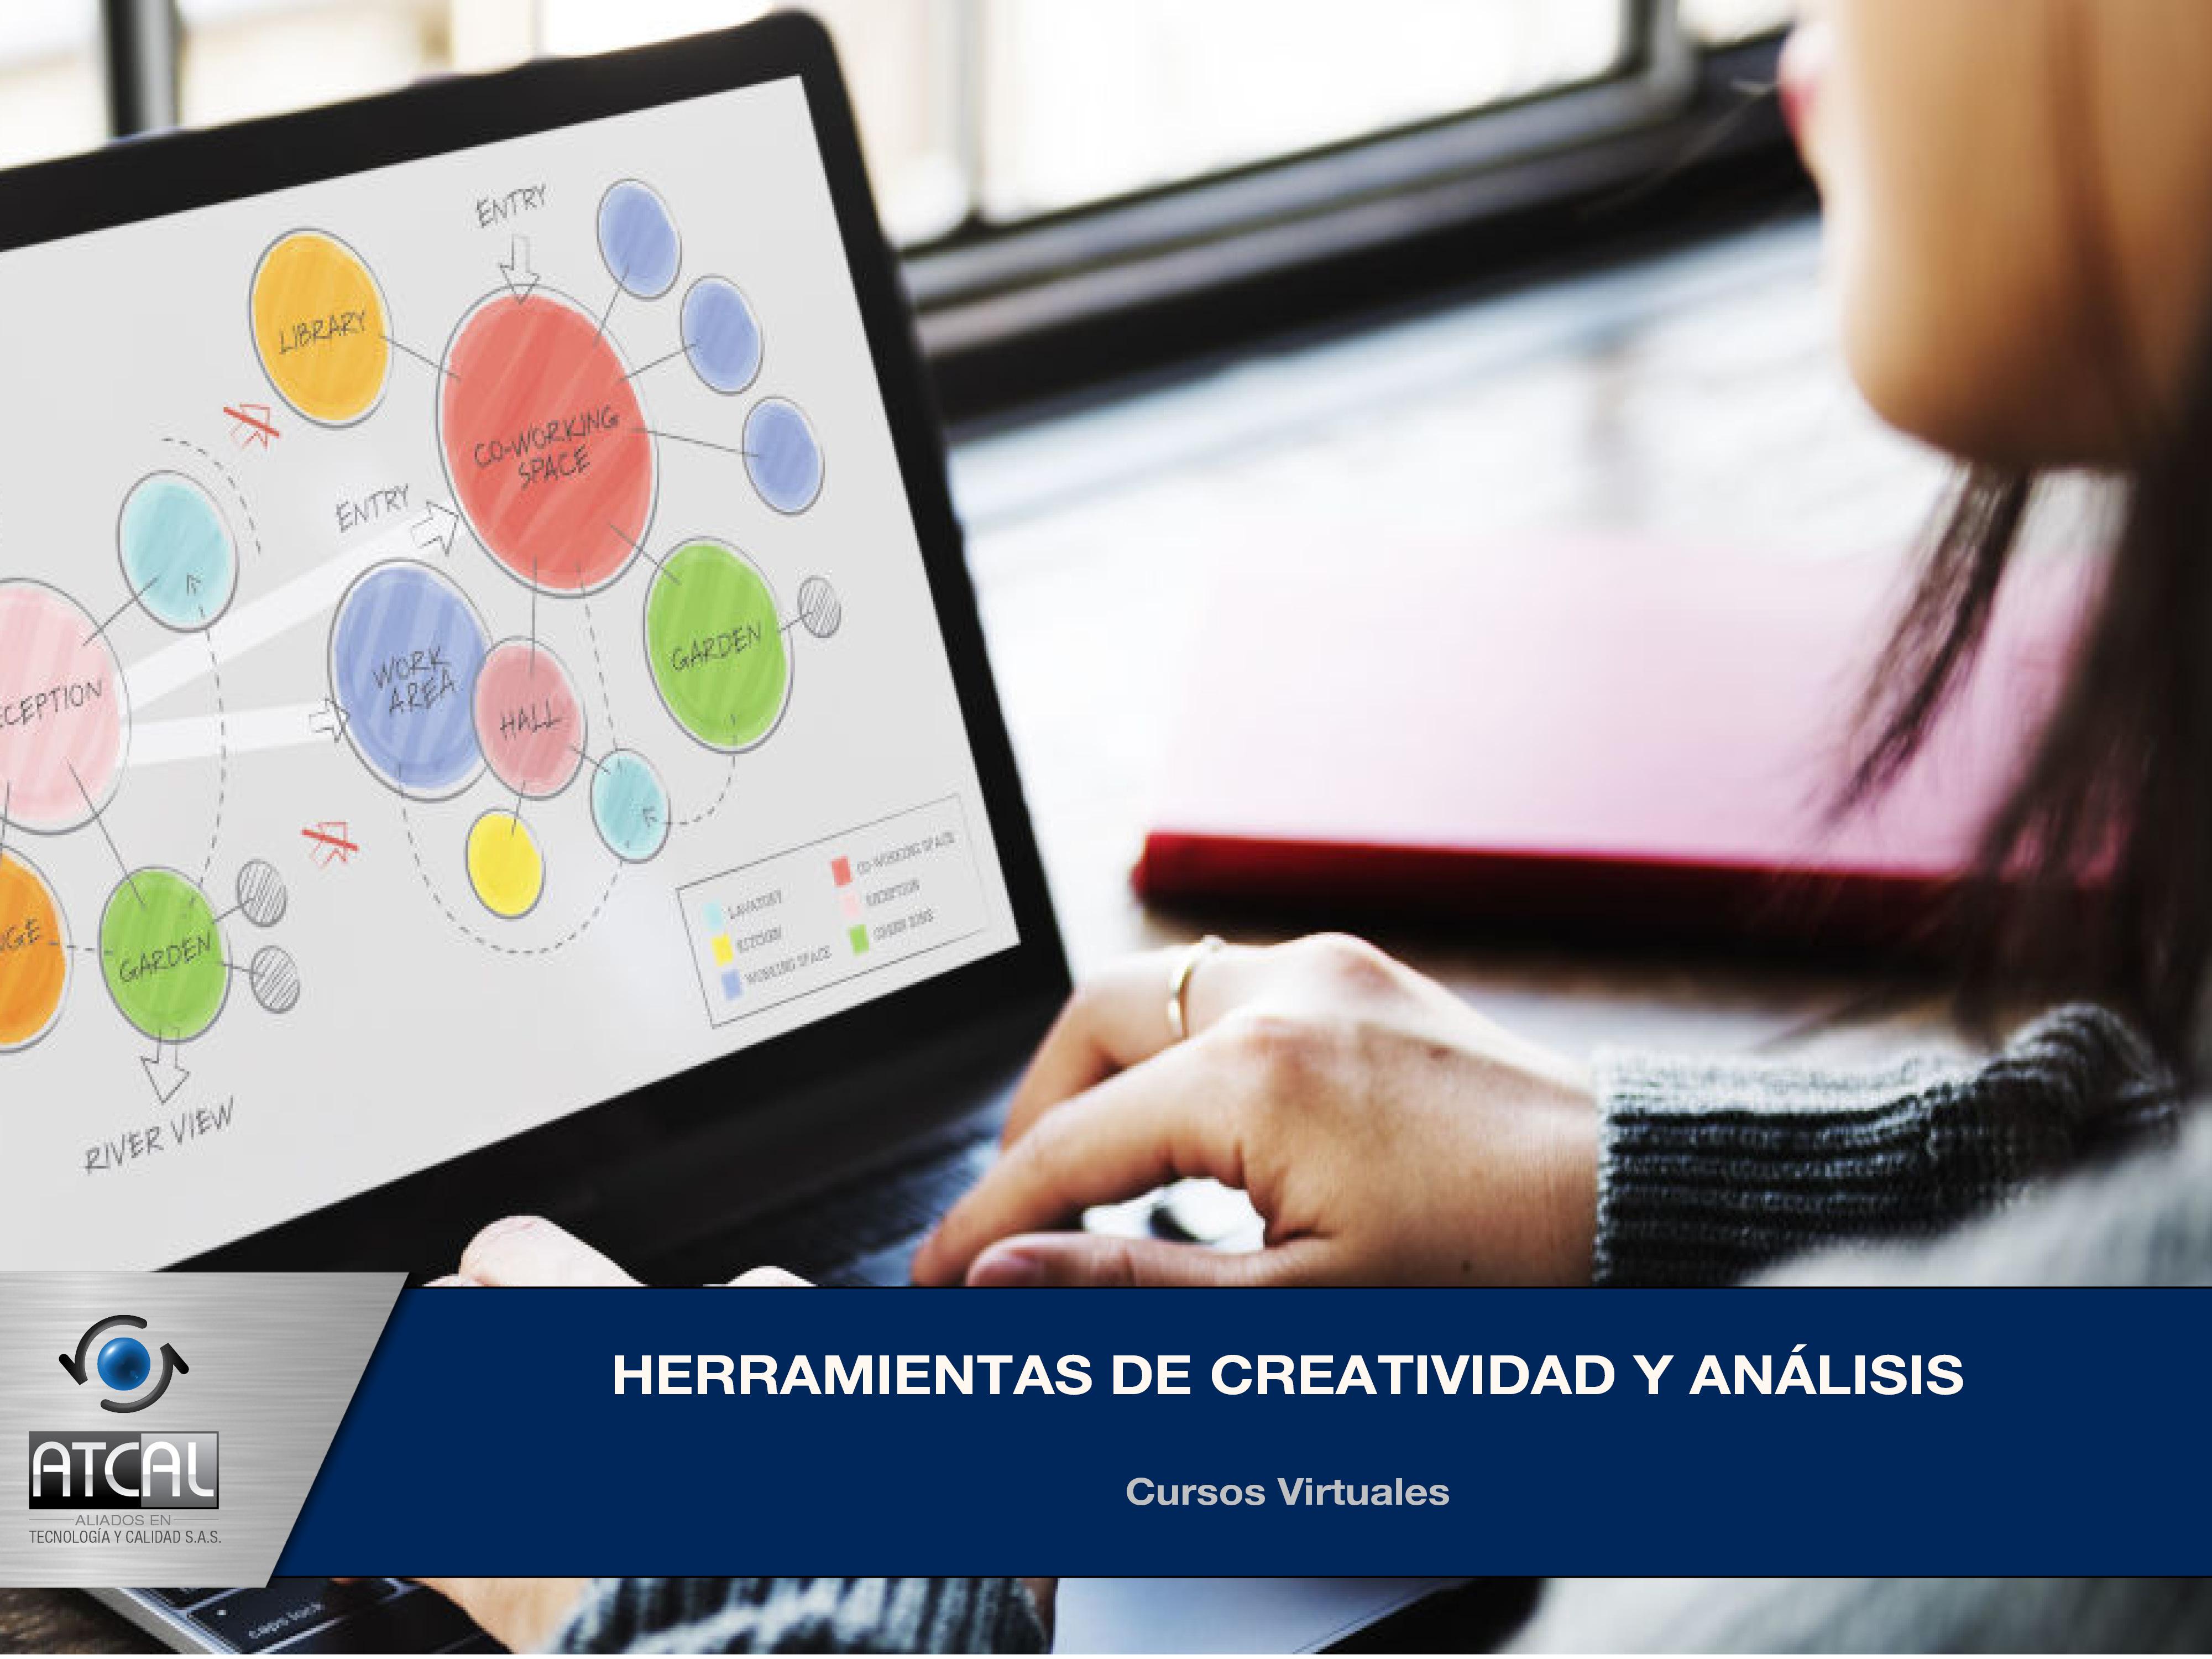 Herramientas de Creatividad y Análisis